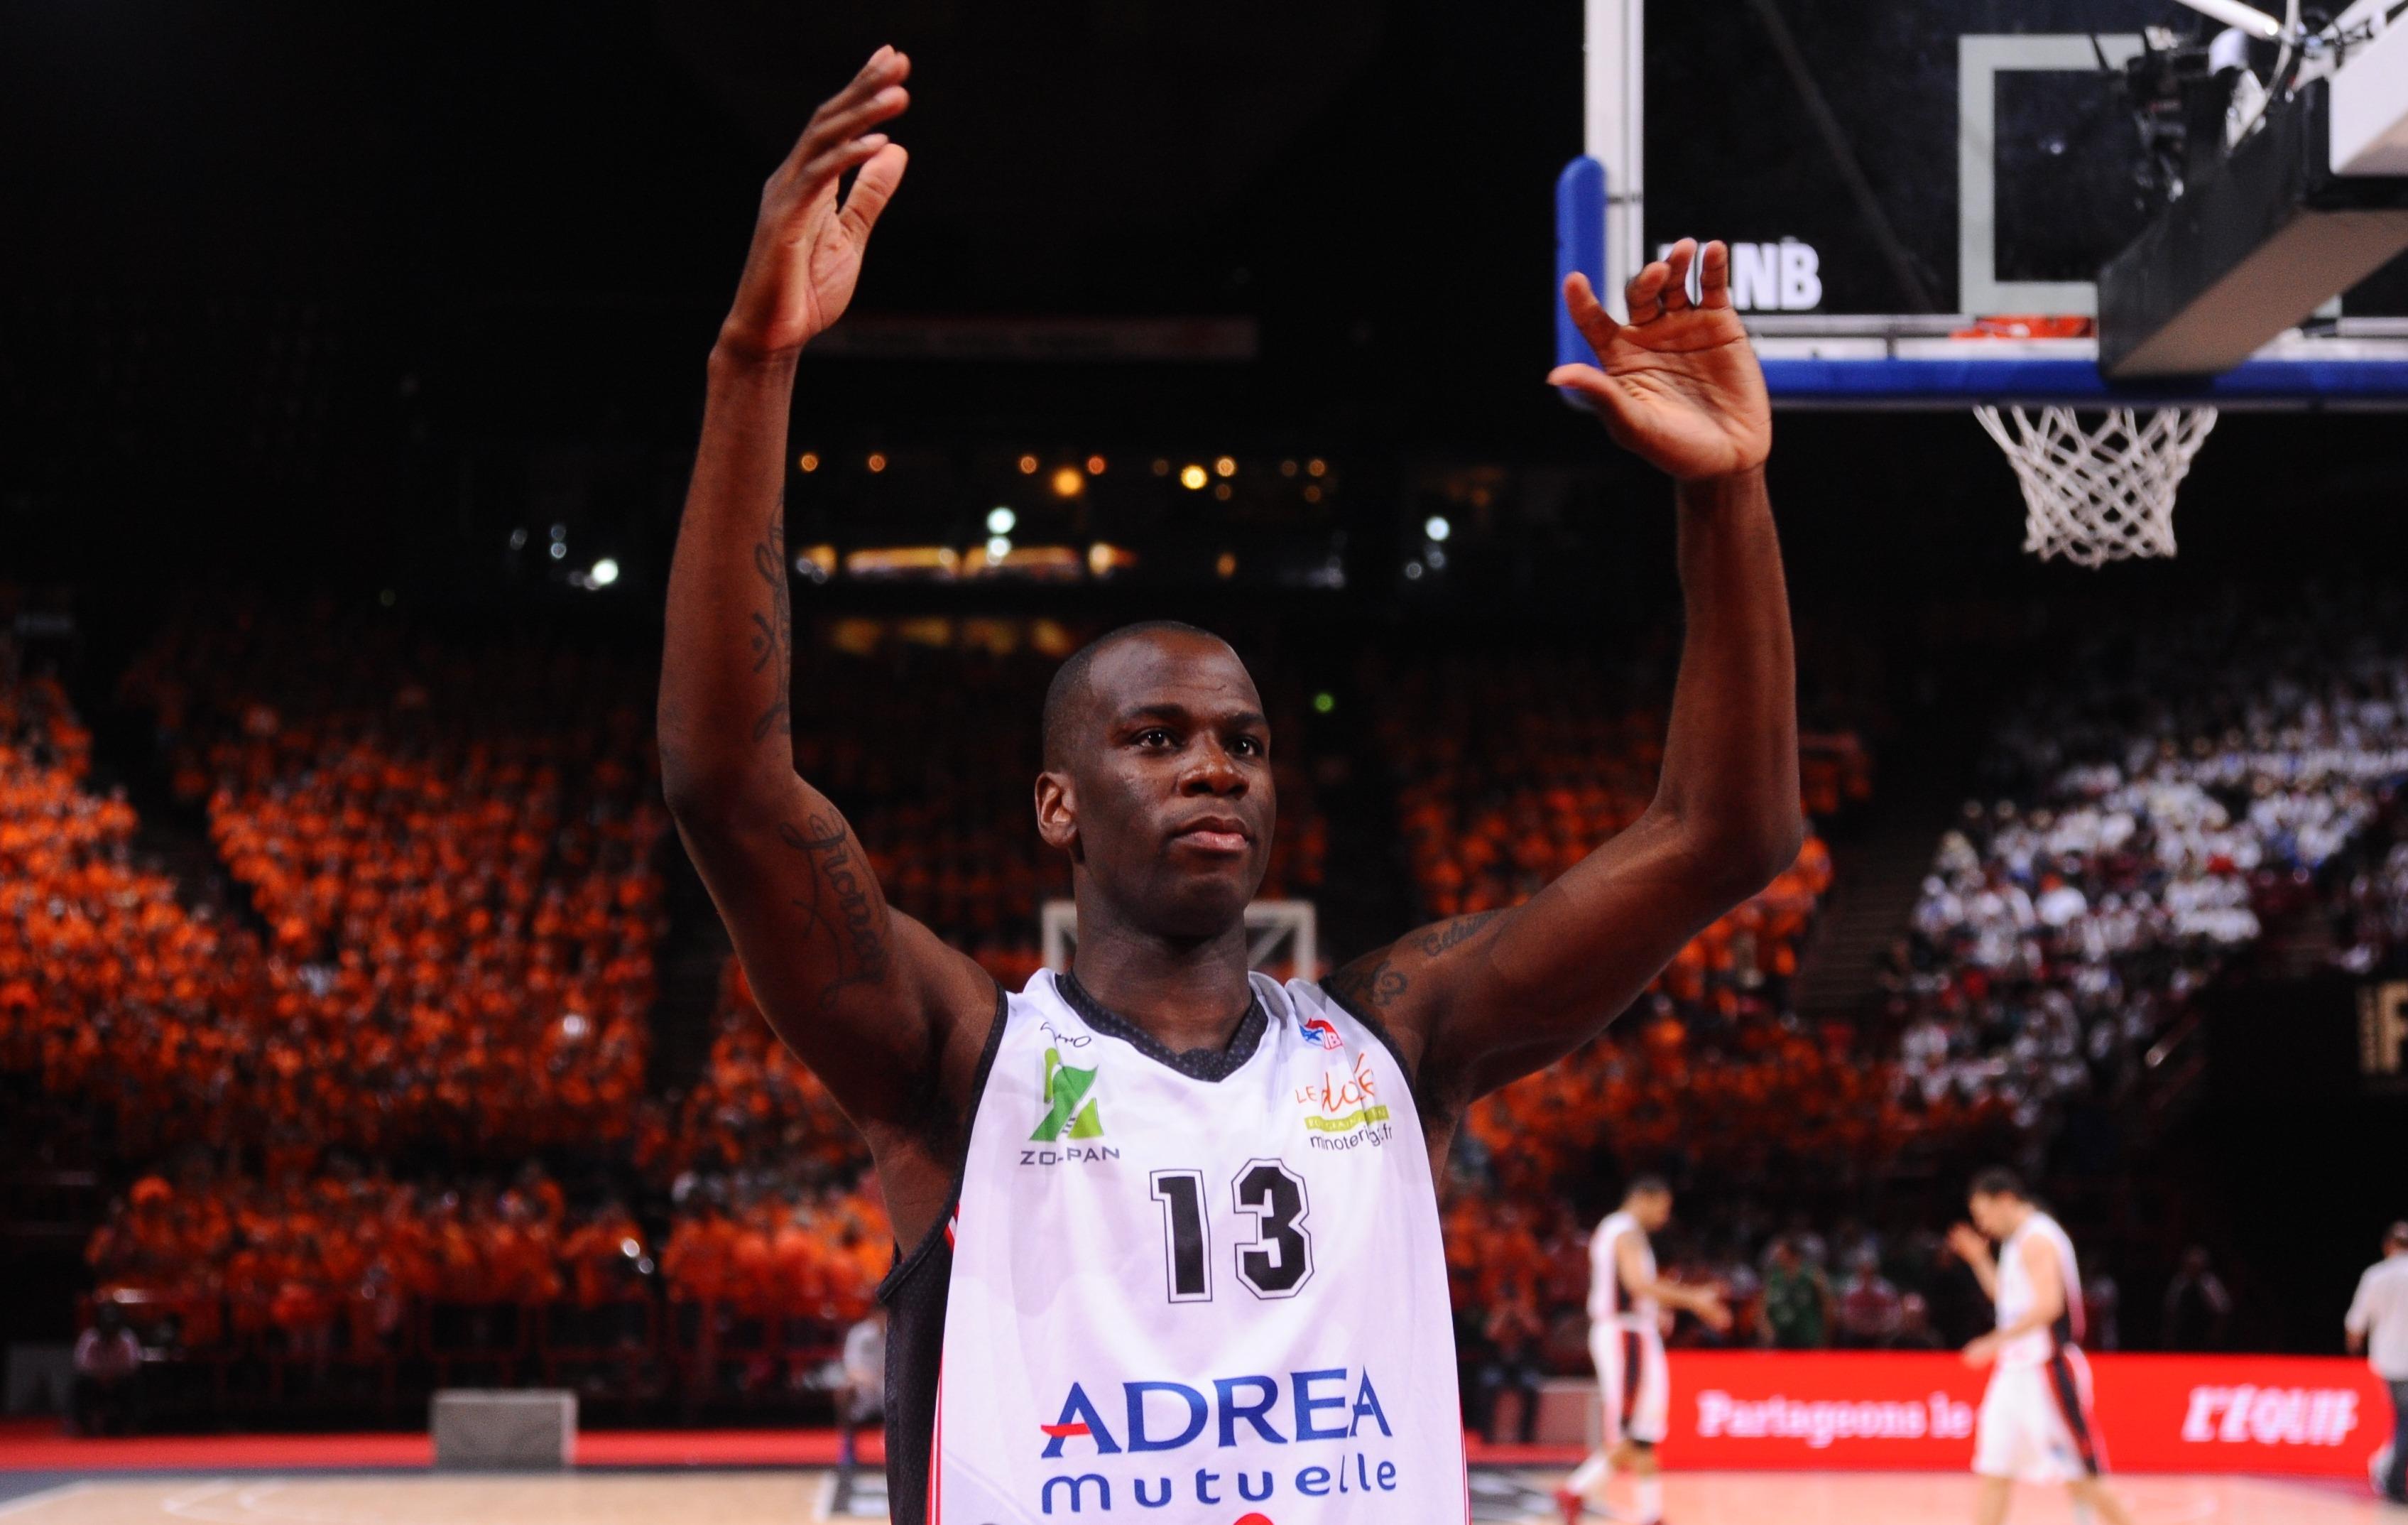 Basket - Pro A - Tchicamboud claque la porte de Chalon et renforce Limoges